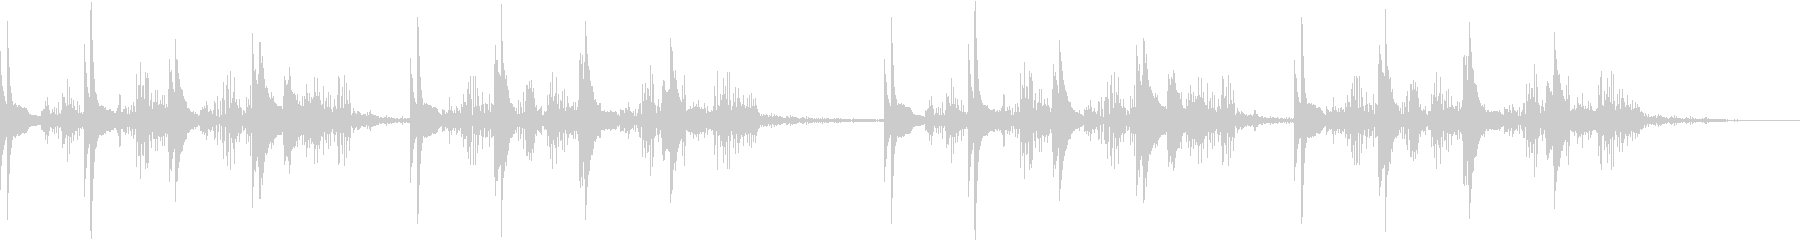 ガラス玉とピアノのBGMです。の未再生の波形